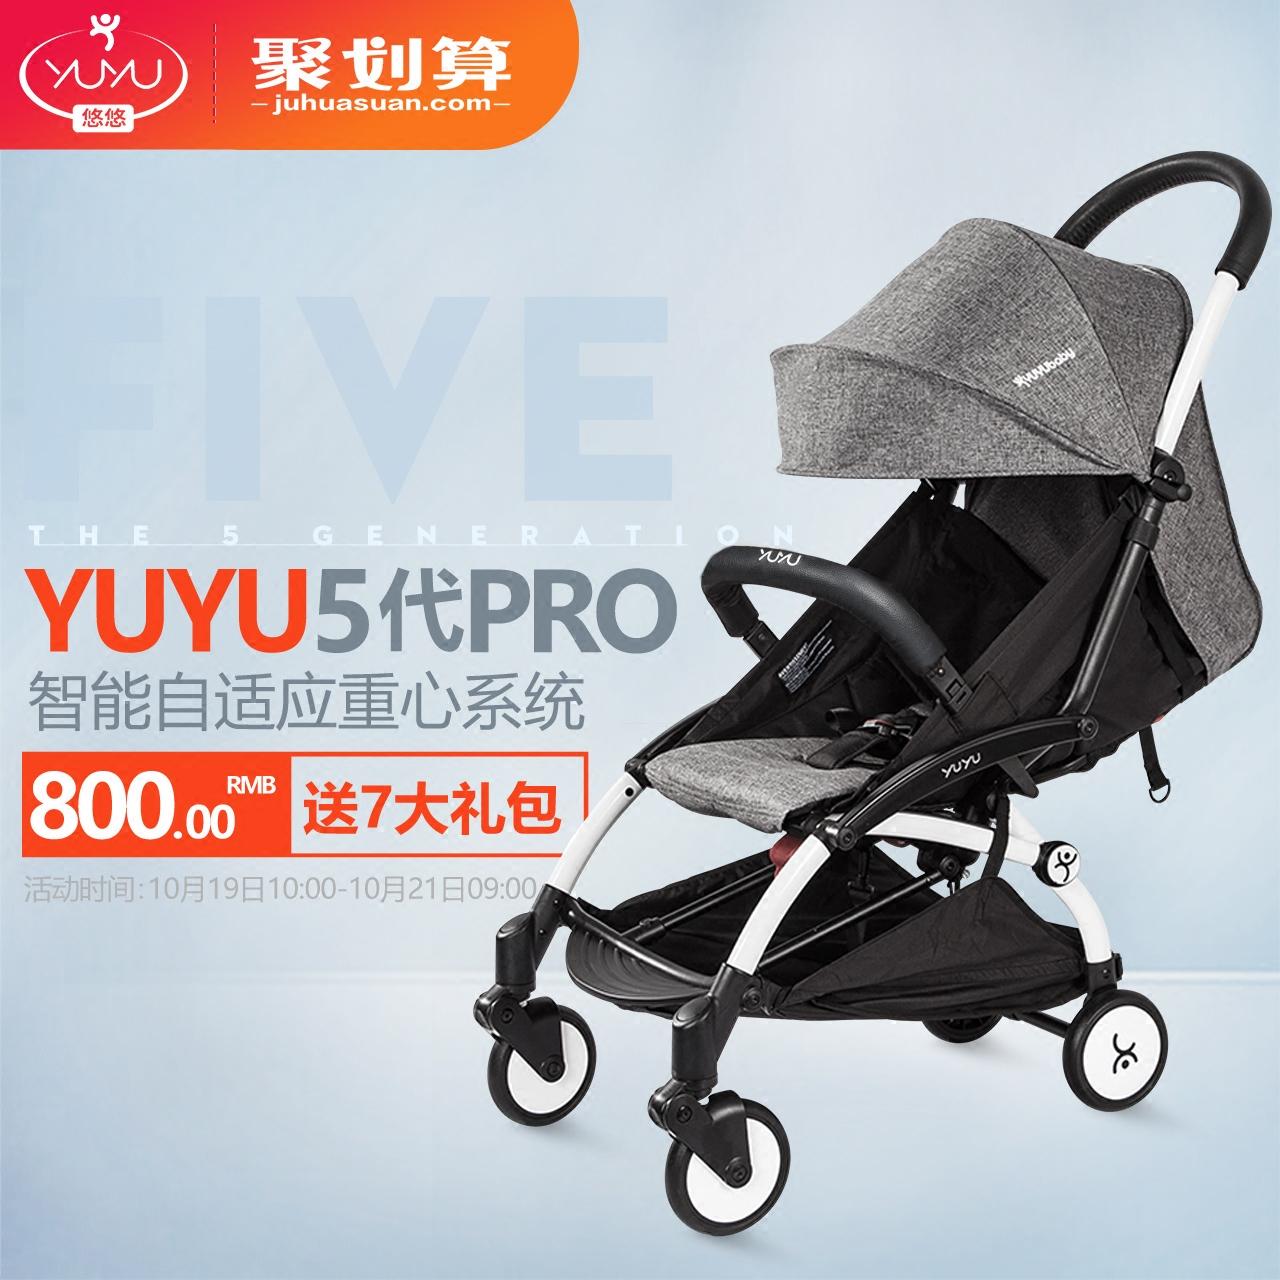 yuyu悠悠第五代车轻便伞车可坐可平躺宝宝婴儿推车便携四轮推车